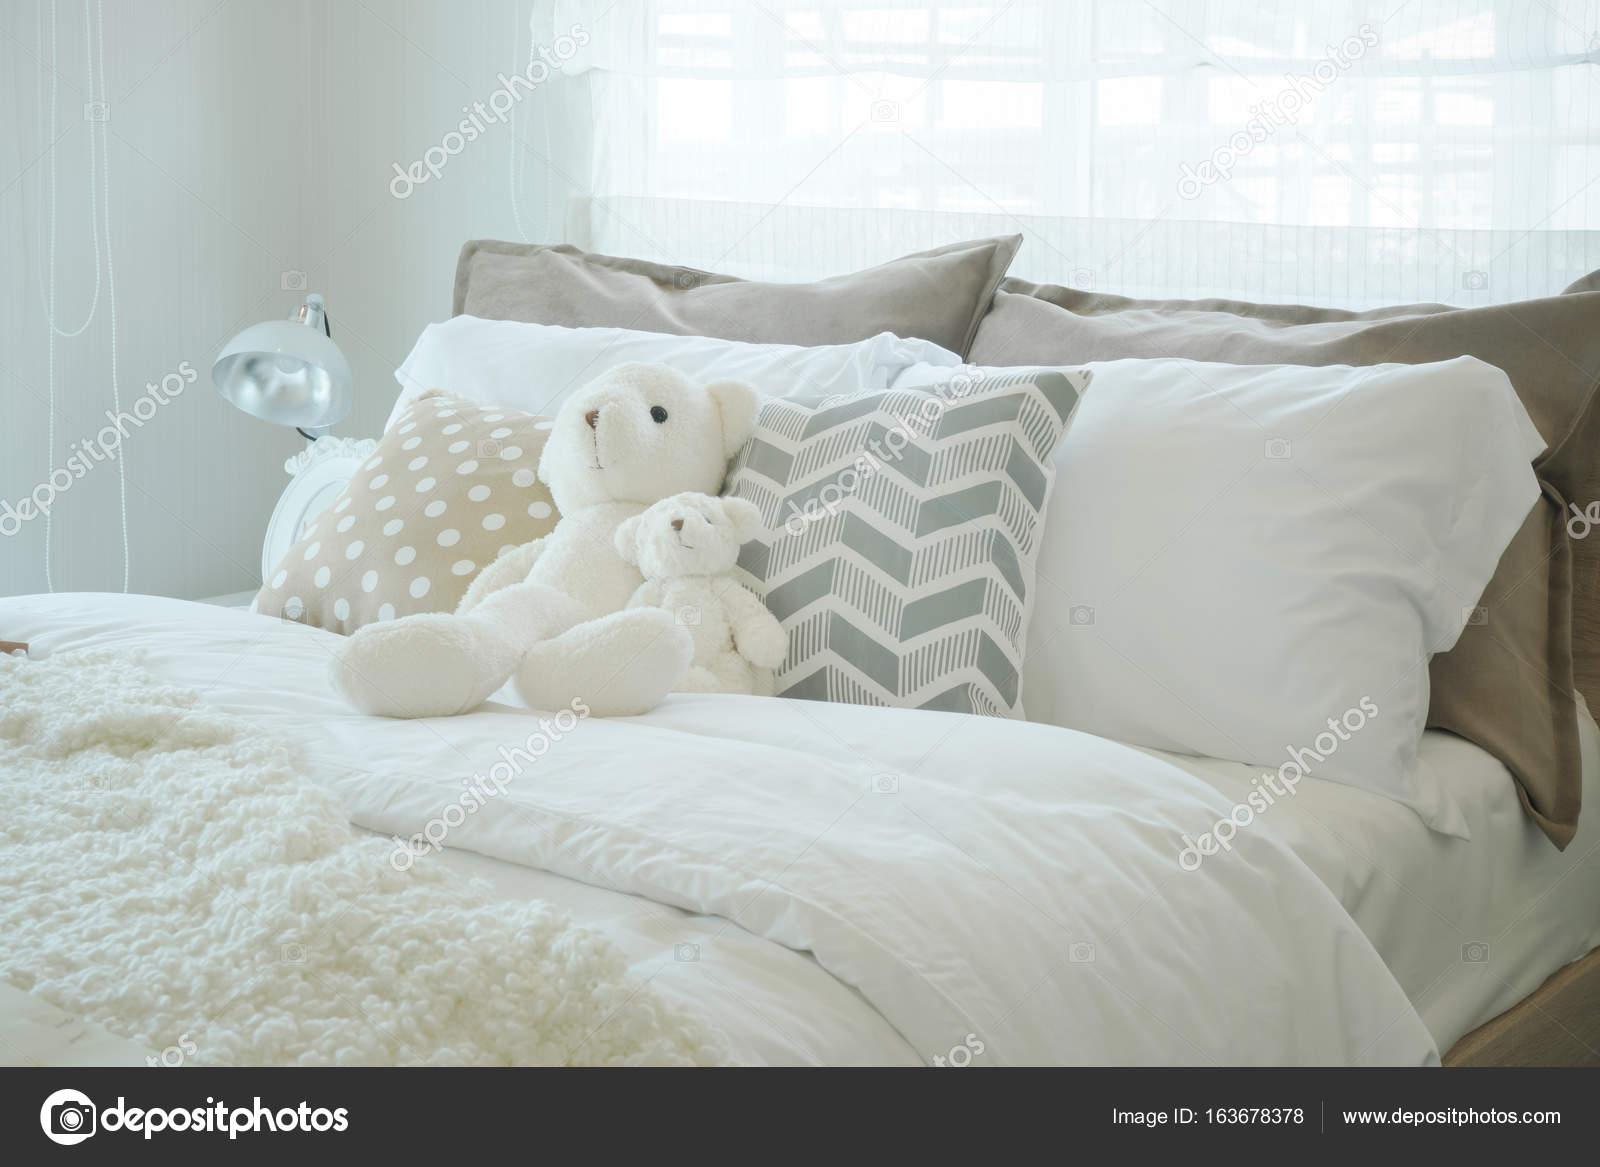 teddy bear op bed in kid slaapkamer pastel stijl stockfoto